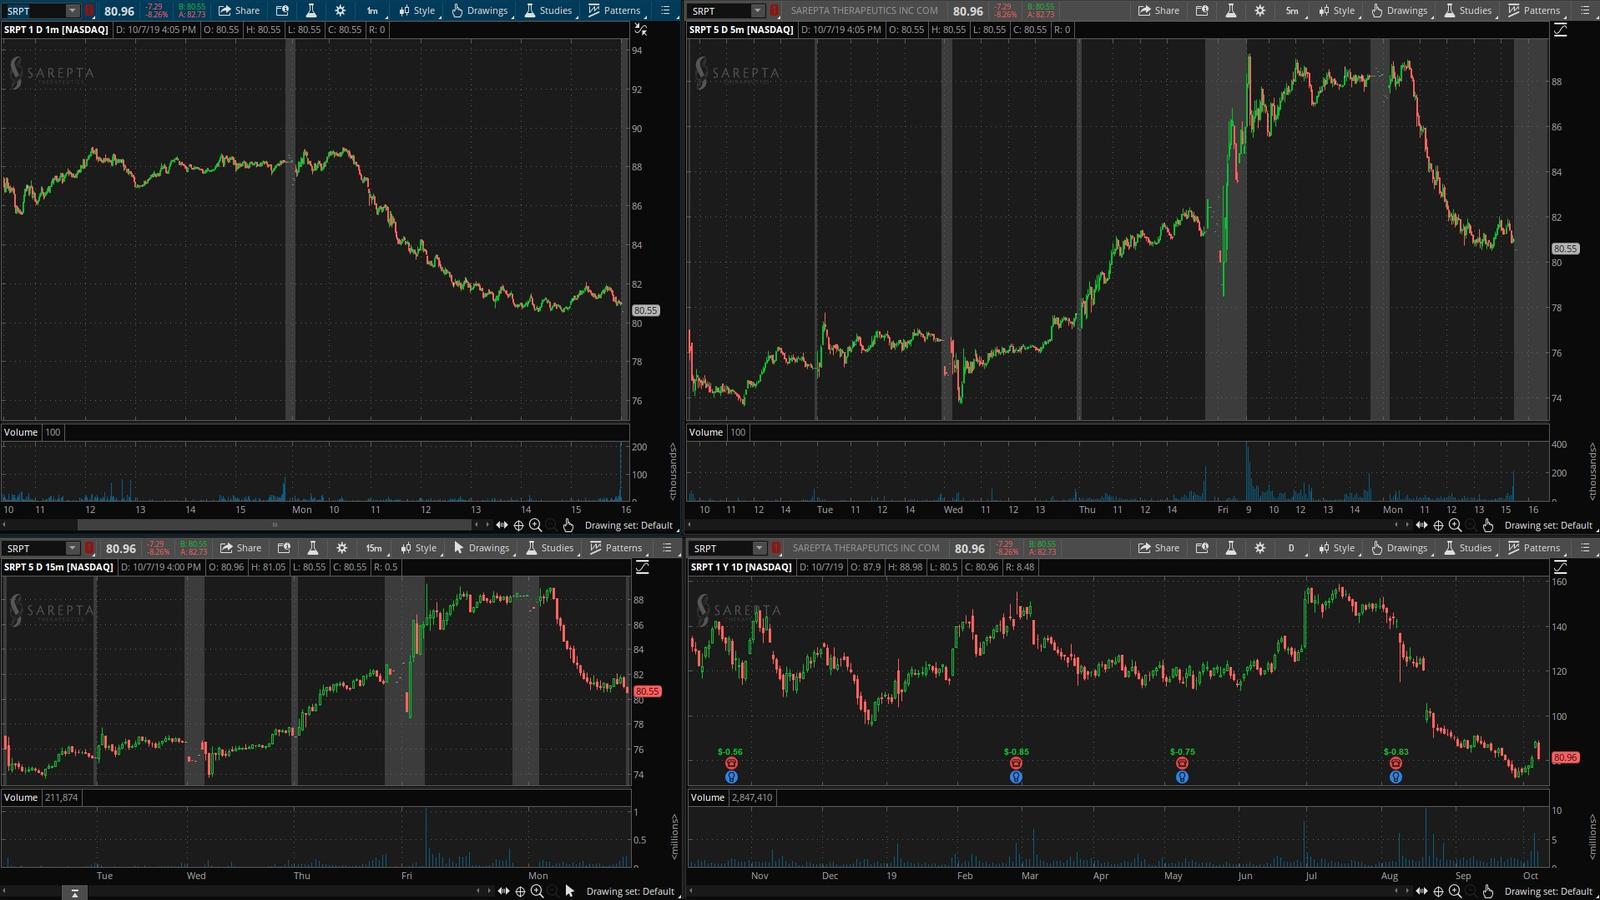 SRPT - график акции на фондовой бирже